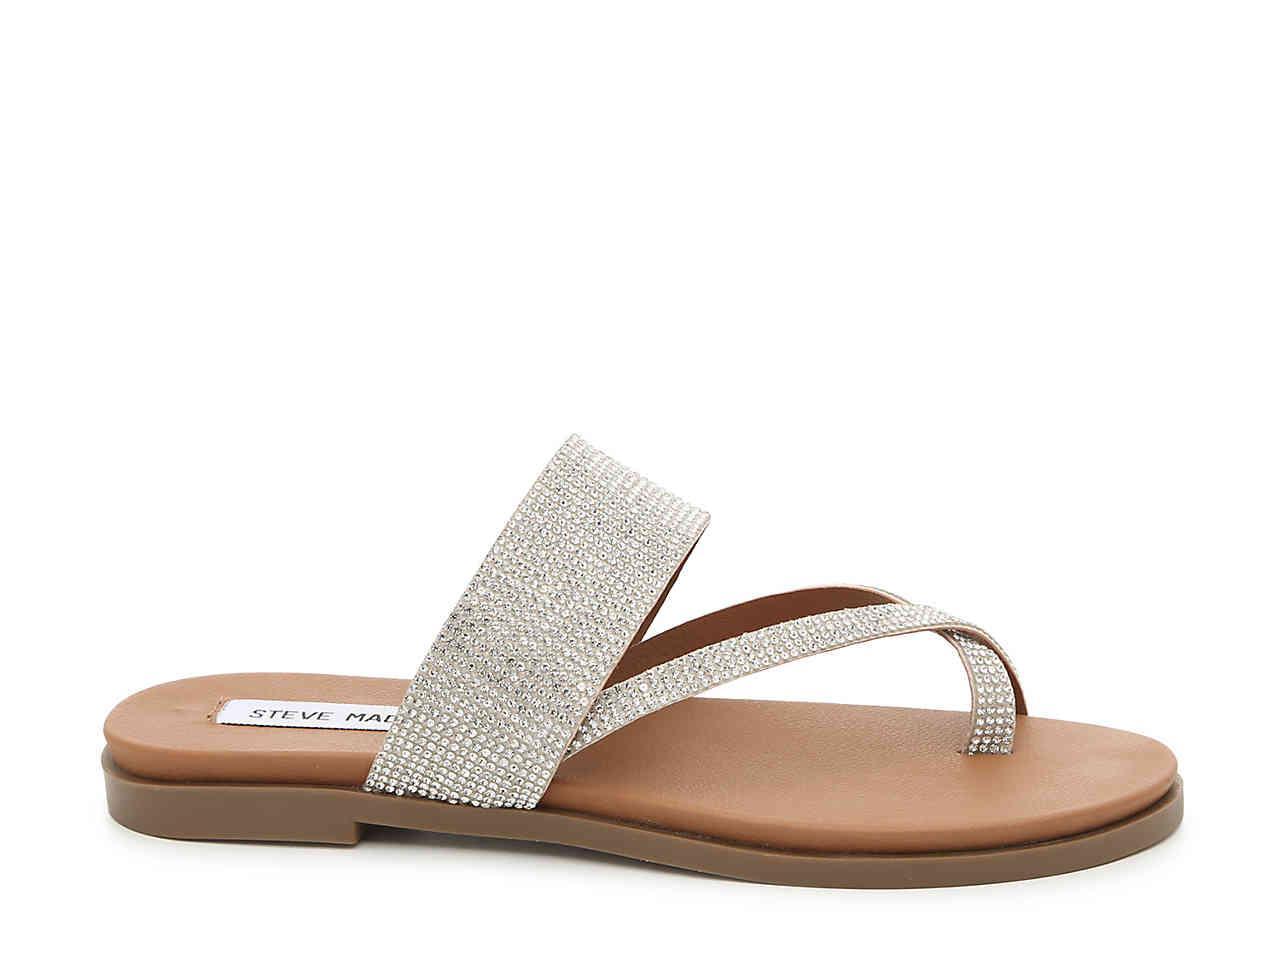 Steve Madden Athens Sandal in Metallic